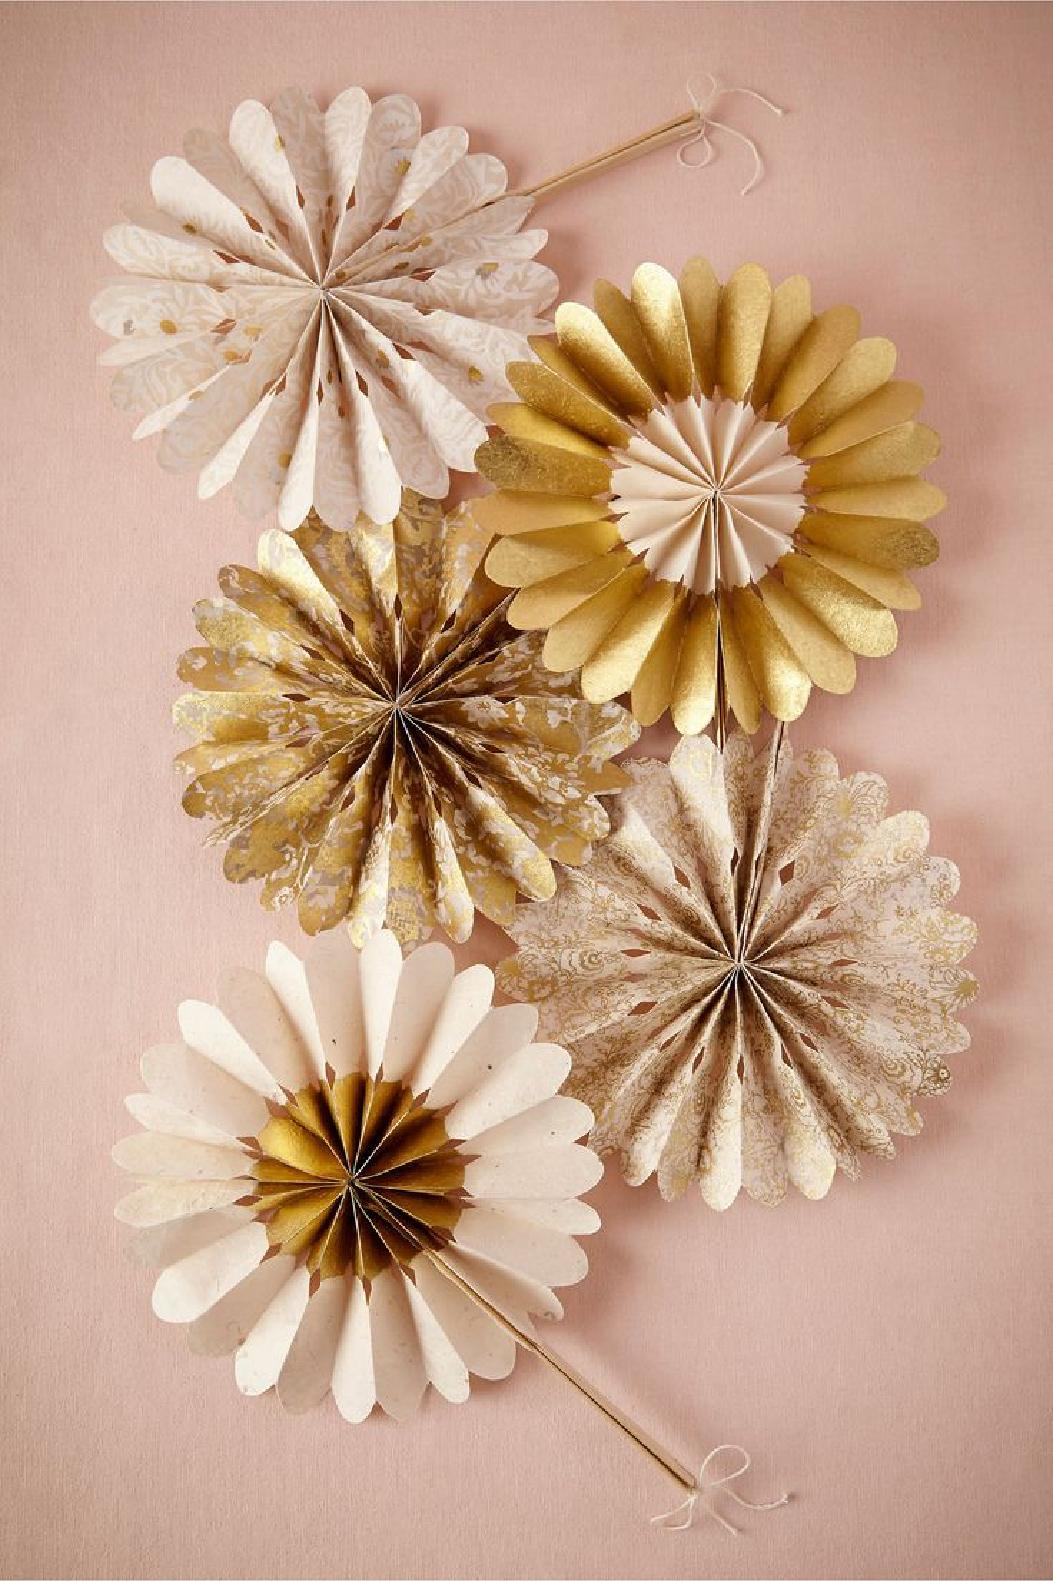 Gold Paper Ornaments